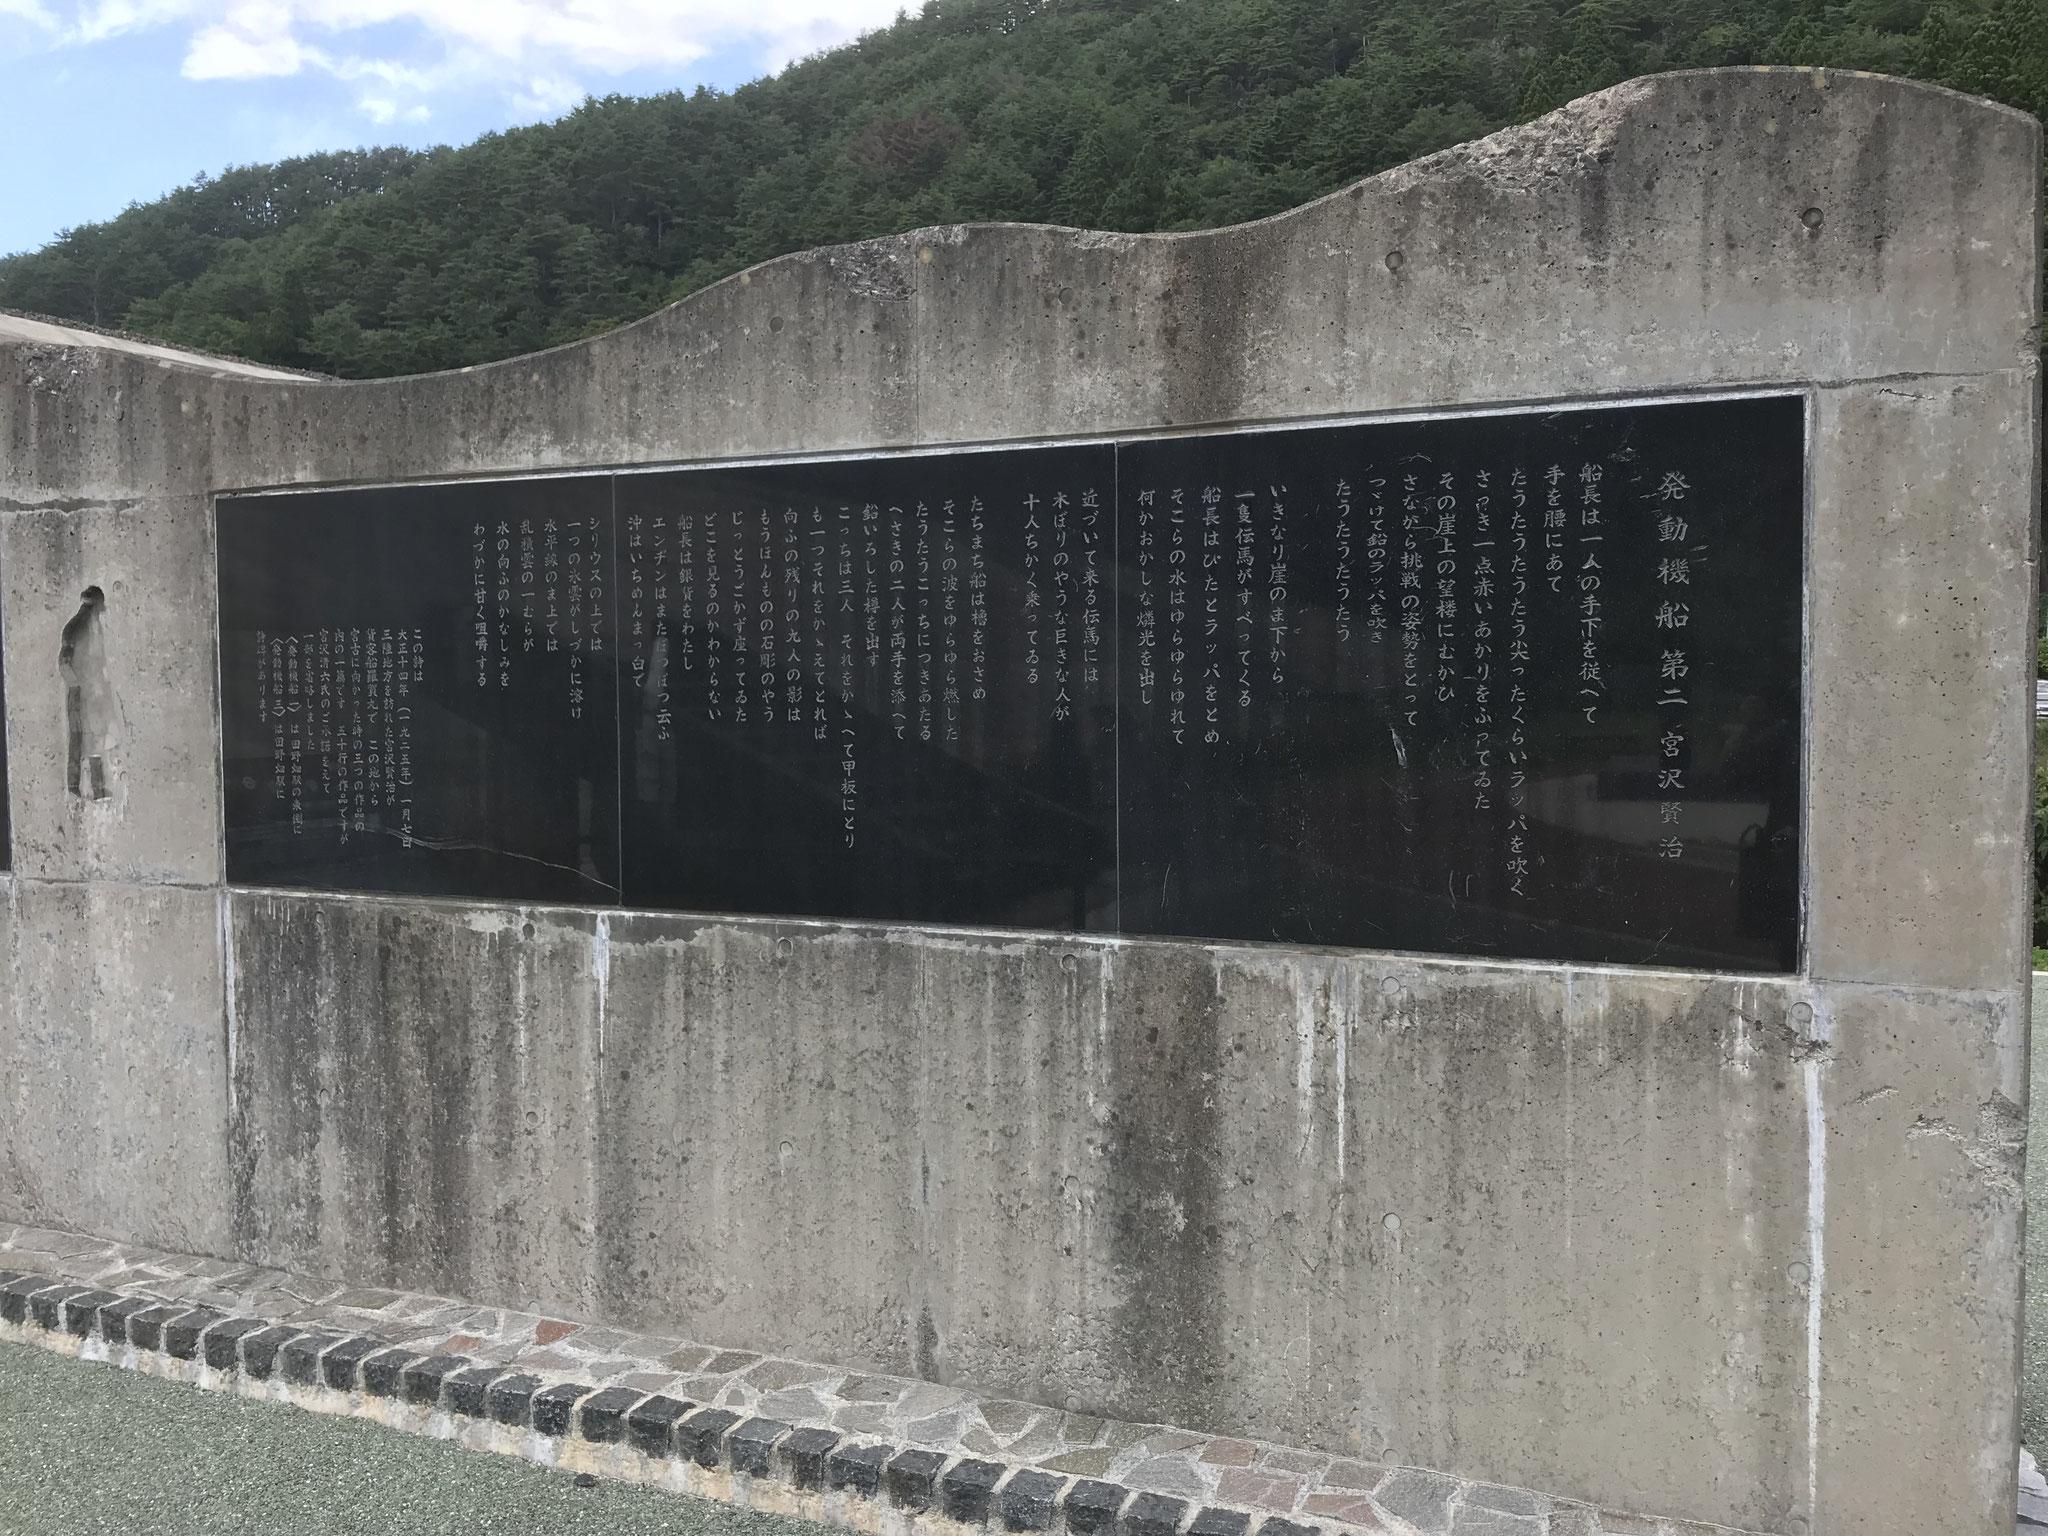 ほとんどが津波に流された中、宮沢賢治の詩碑は奇跡的に残りました